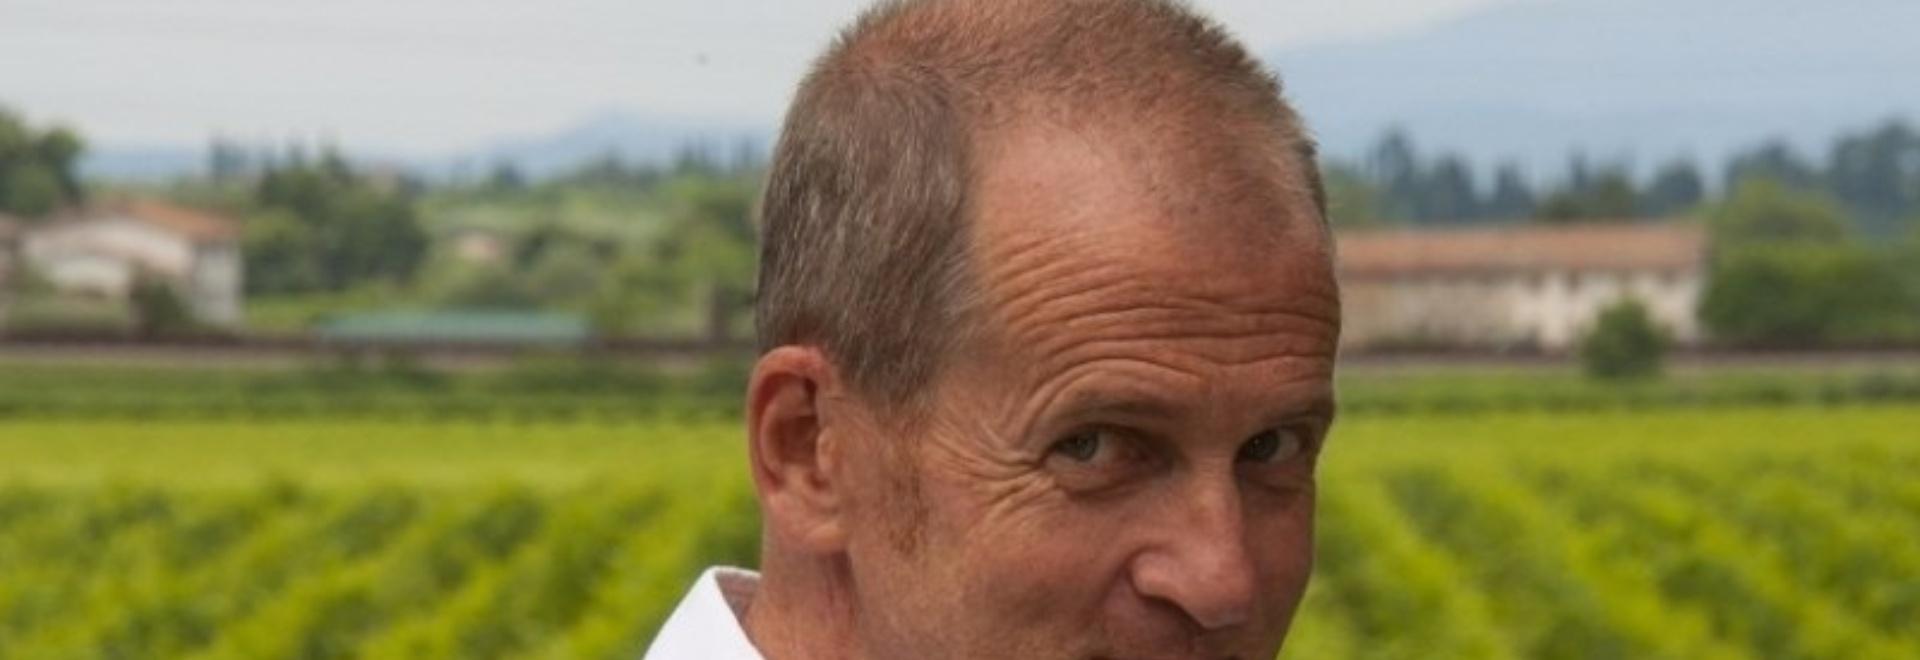 Haymo Gutweniger: fegato cipolla e mele